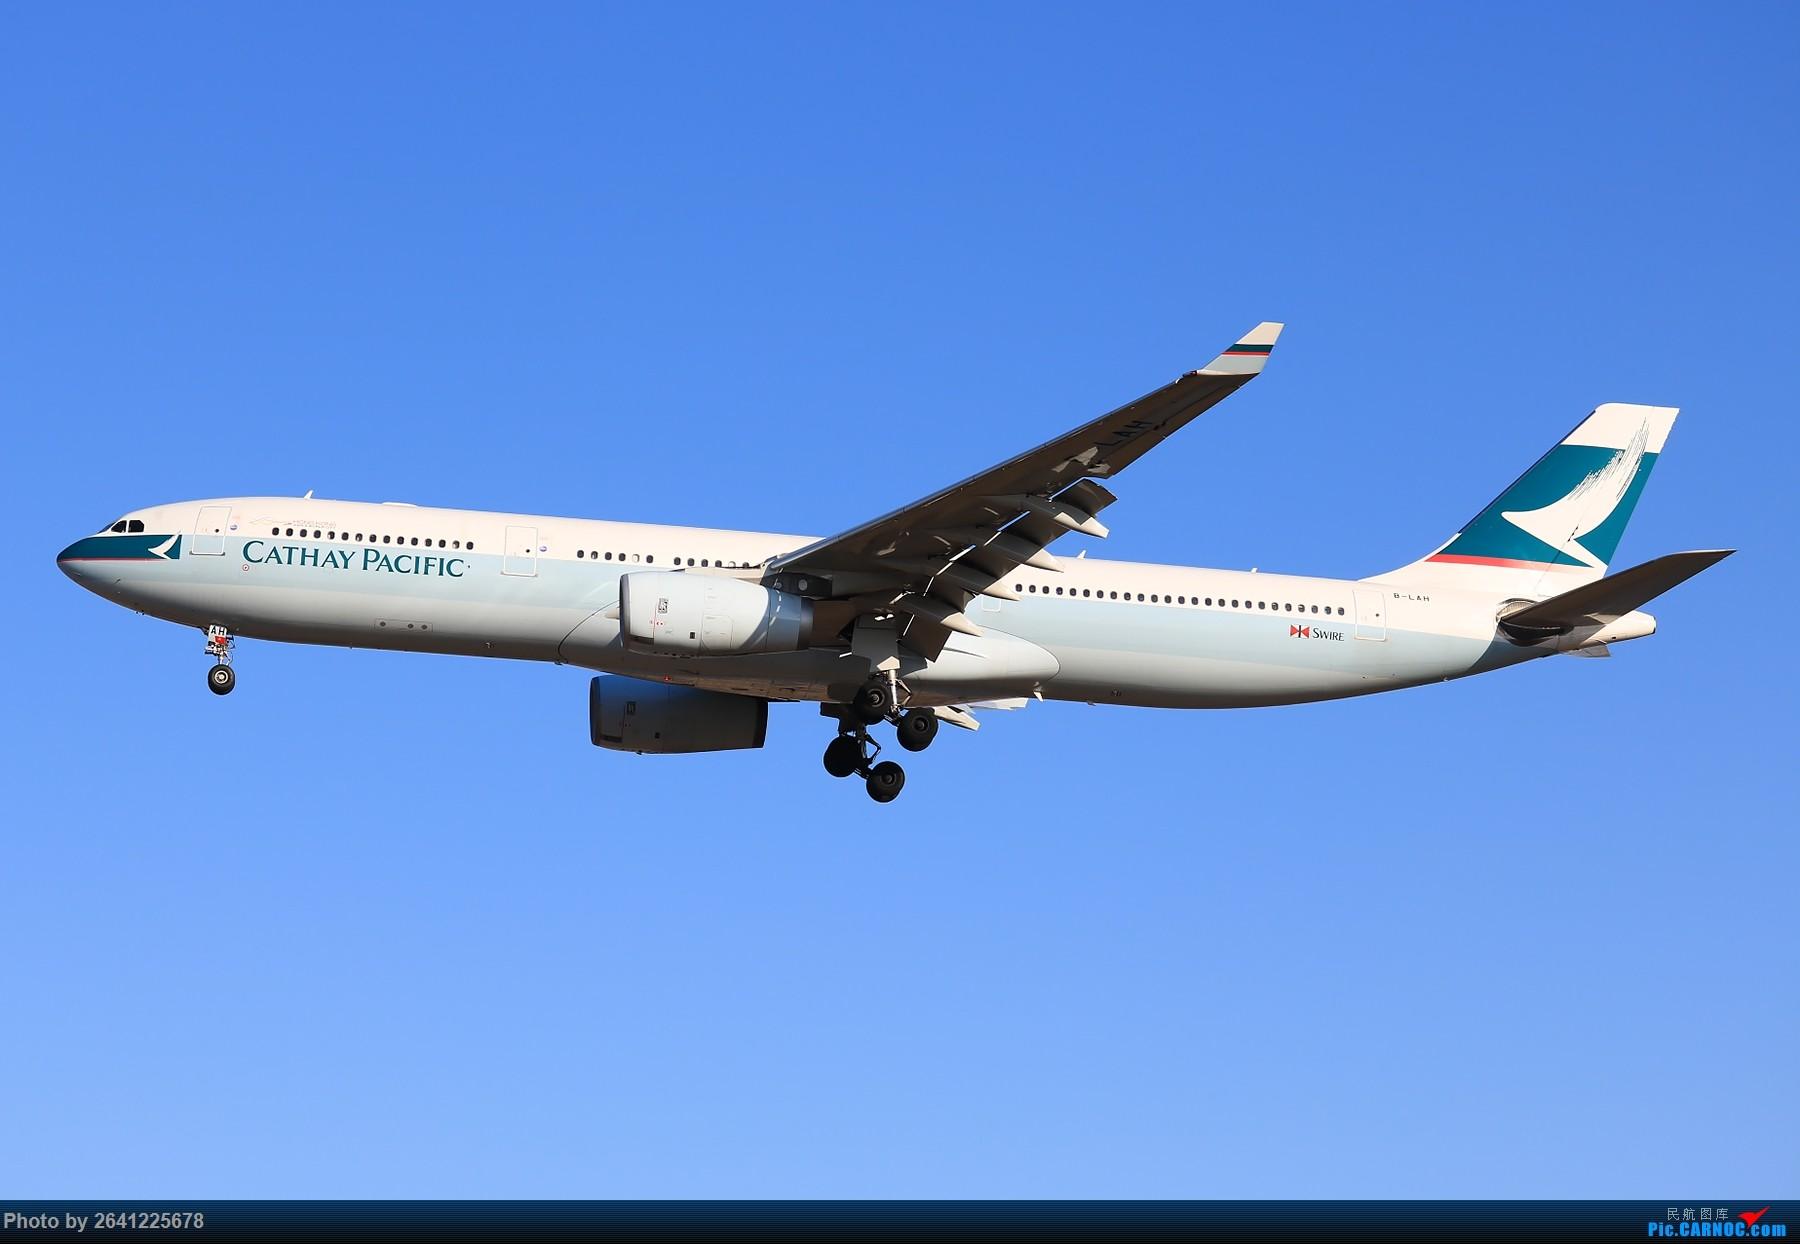 [原创]【PEK】六七级北风吹走了雾霾,吹不走拍机的热情!1800*1200/1920*1280一组 更新完毕 AIRBUS A330-300 B-LAH 中国北京首都国际机场